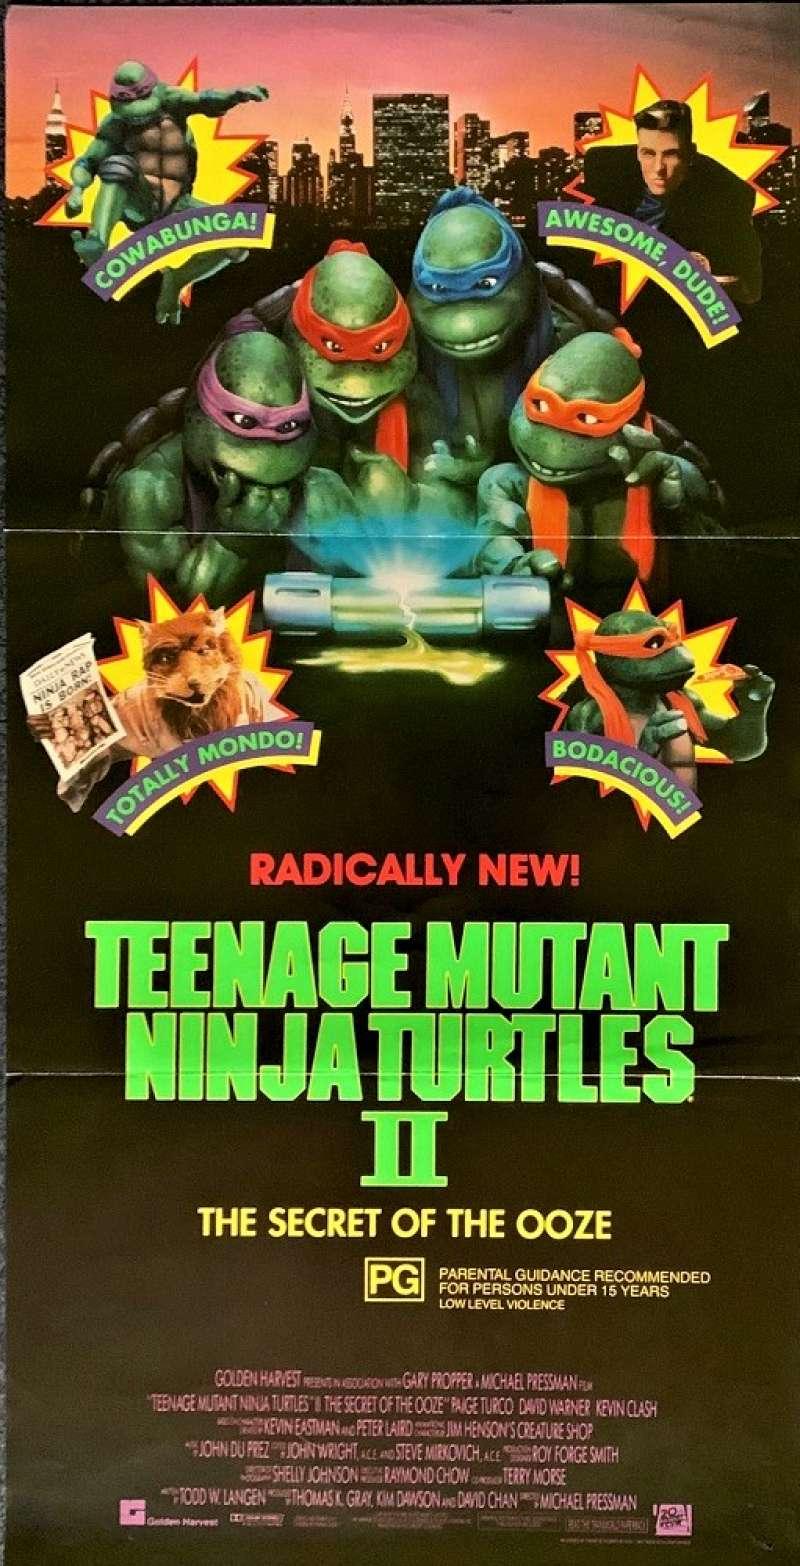 All About Movies - Teenage Mutant Ninja Turtles II - The ...